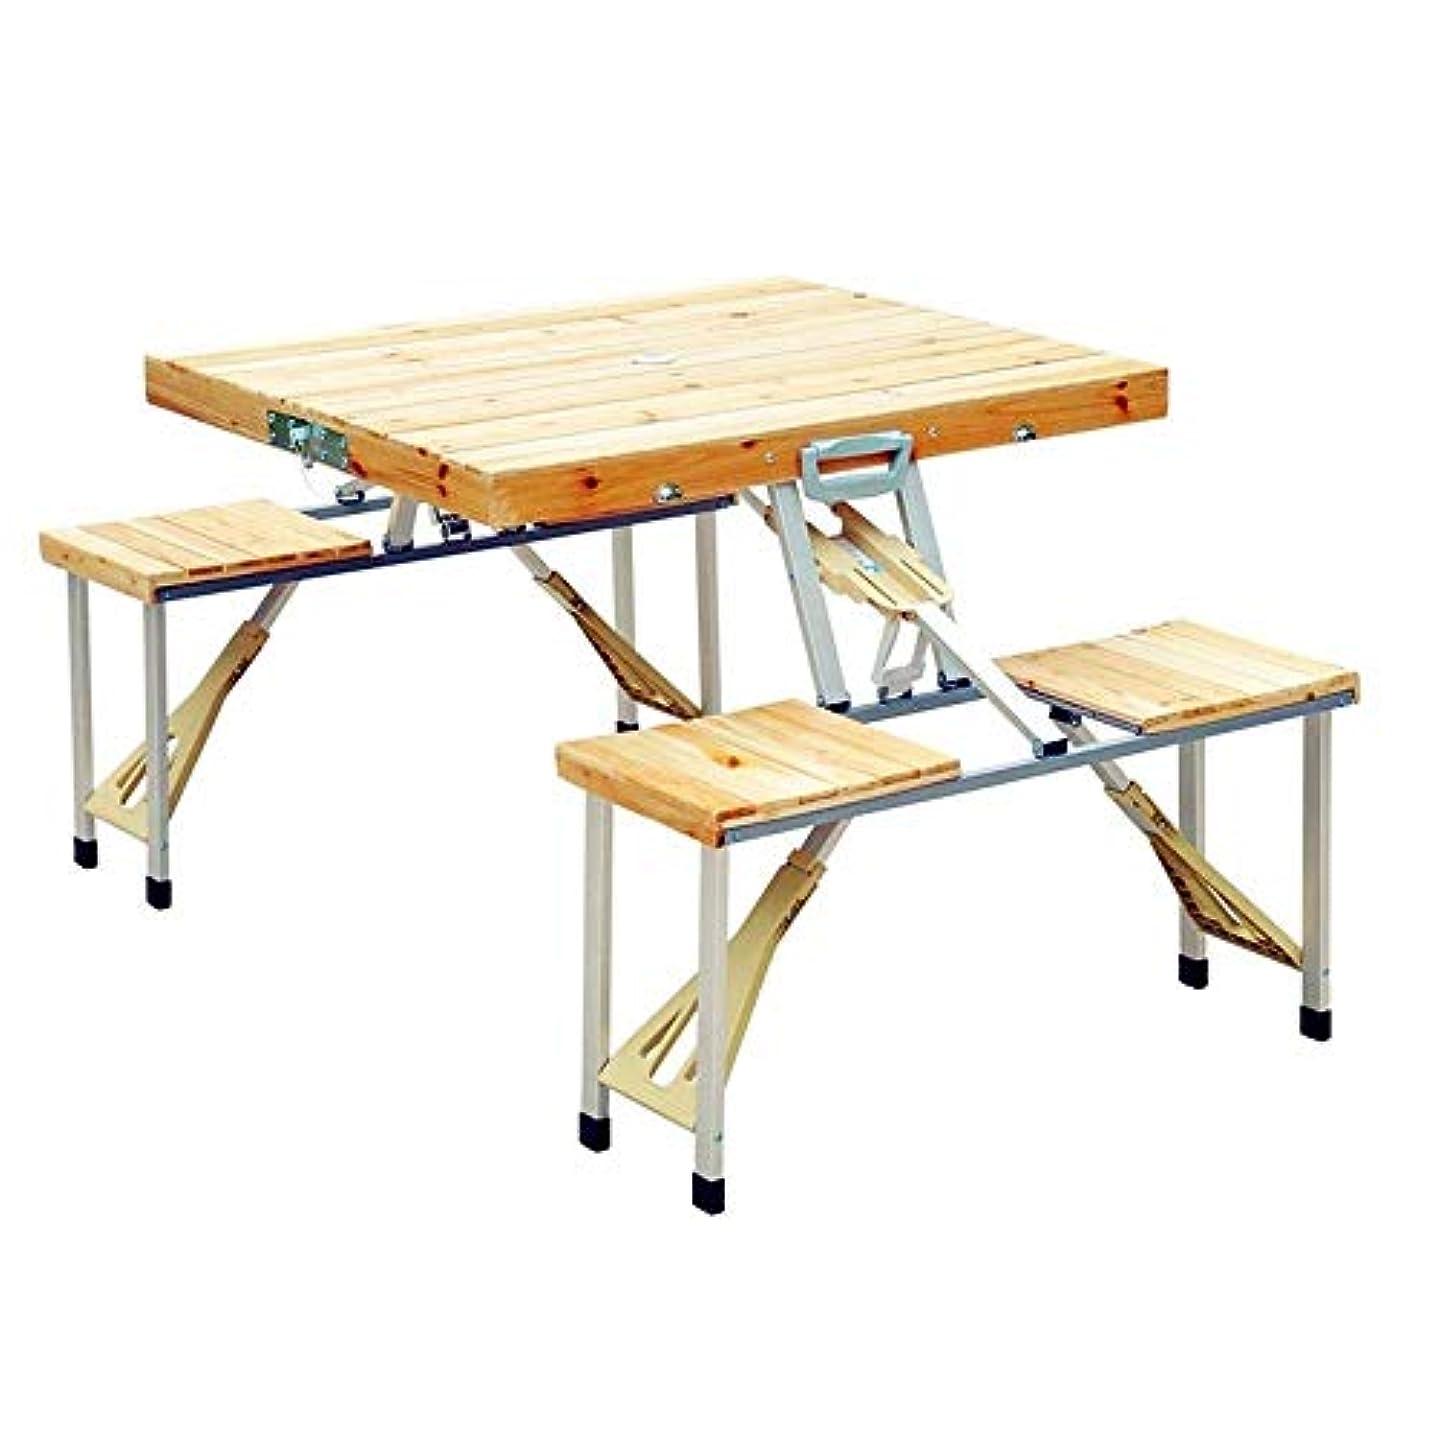 育成ボランティアバンジージャンプ木製折りたたみピクニックテーブルと椅子セットポータブル軽量丈夫な耐久性のあるスーツケース屋外屋内キャンプバーベキューガーデンテラスパーティー自動運転ビーチヤード